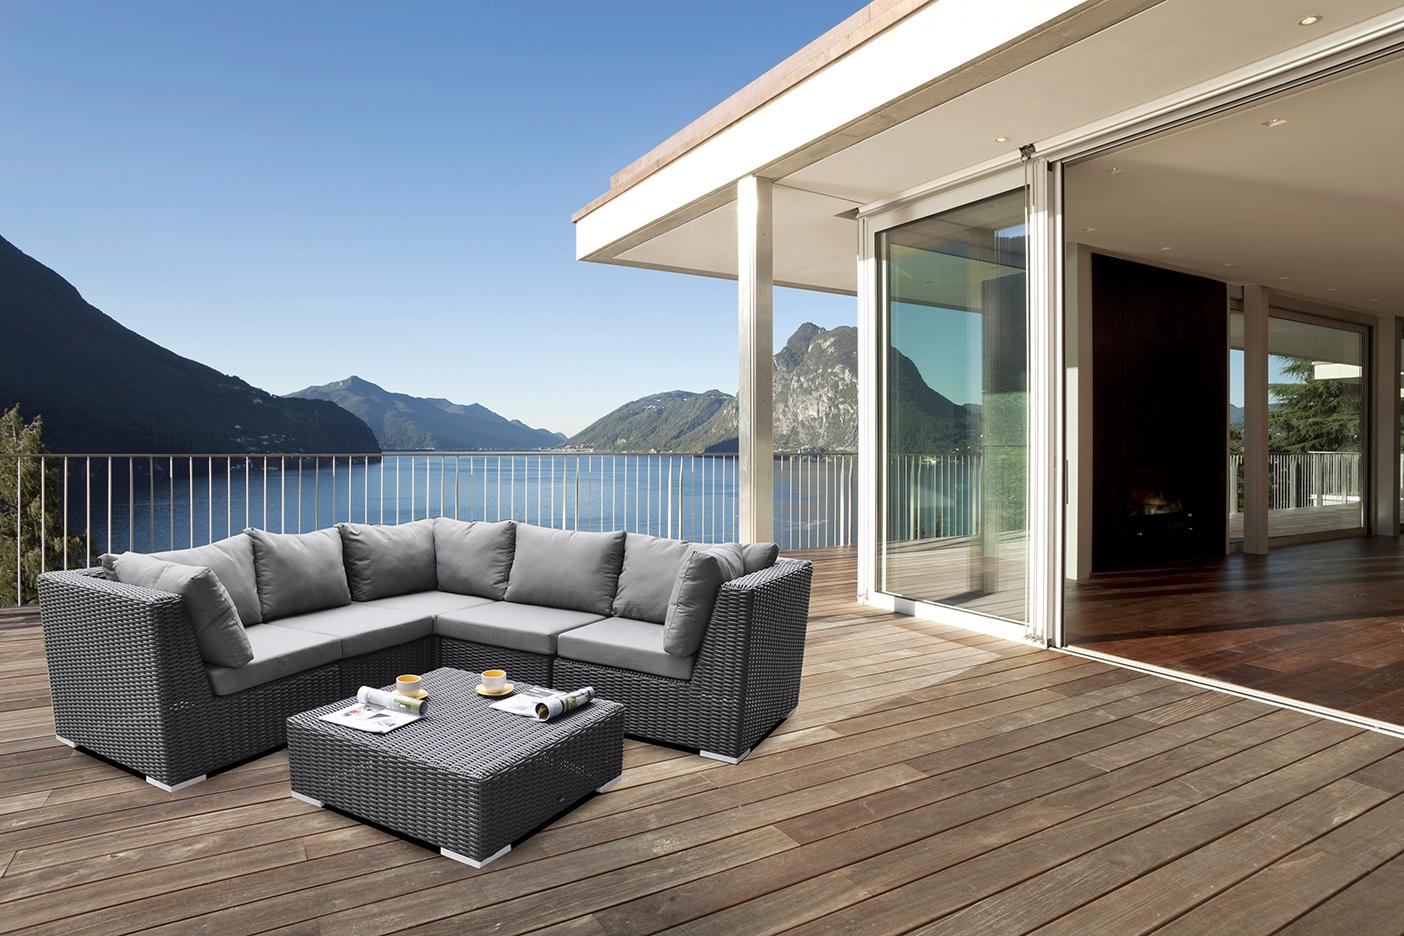 Holz-Schröer Gartenmöbel – Lounge von Zebra zum entspannen